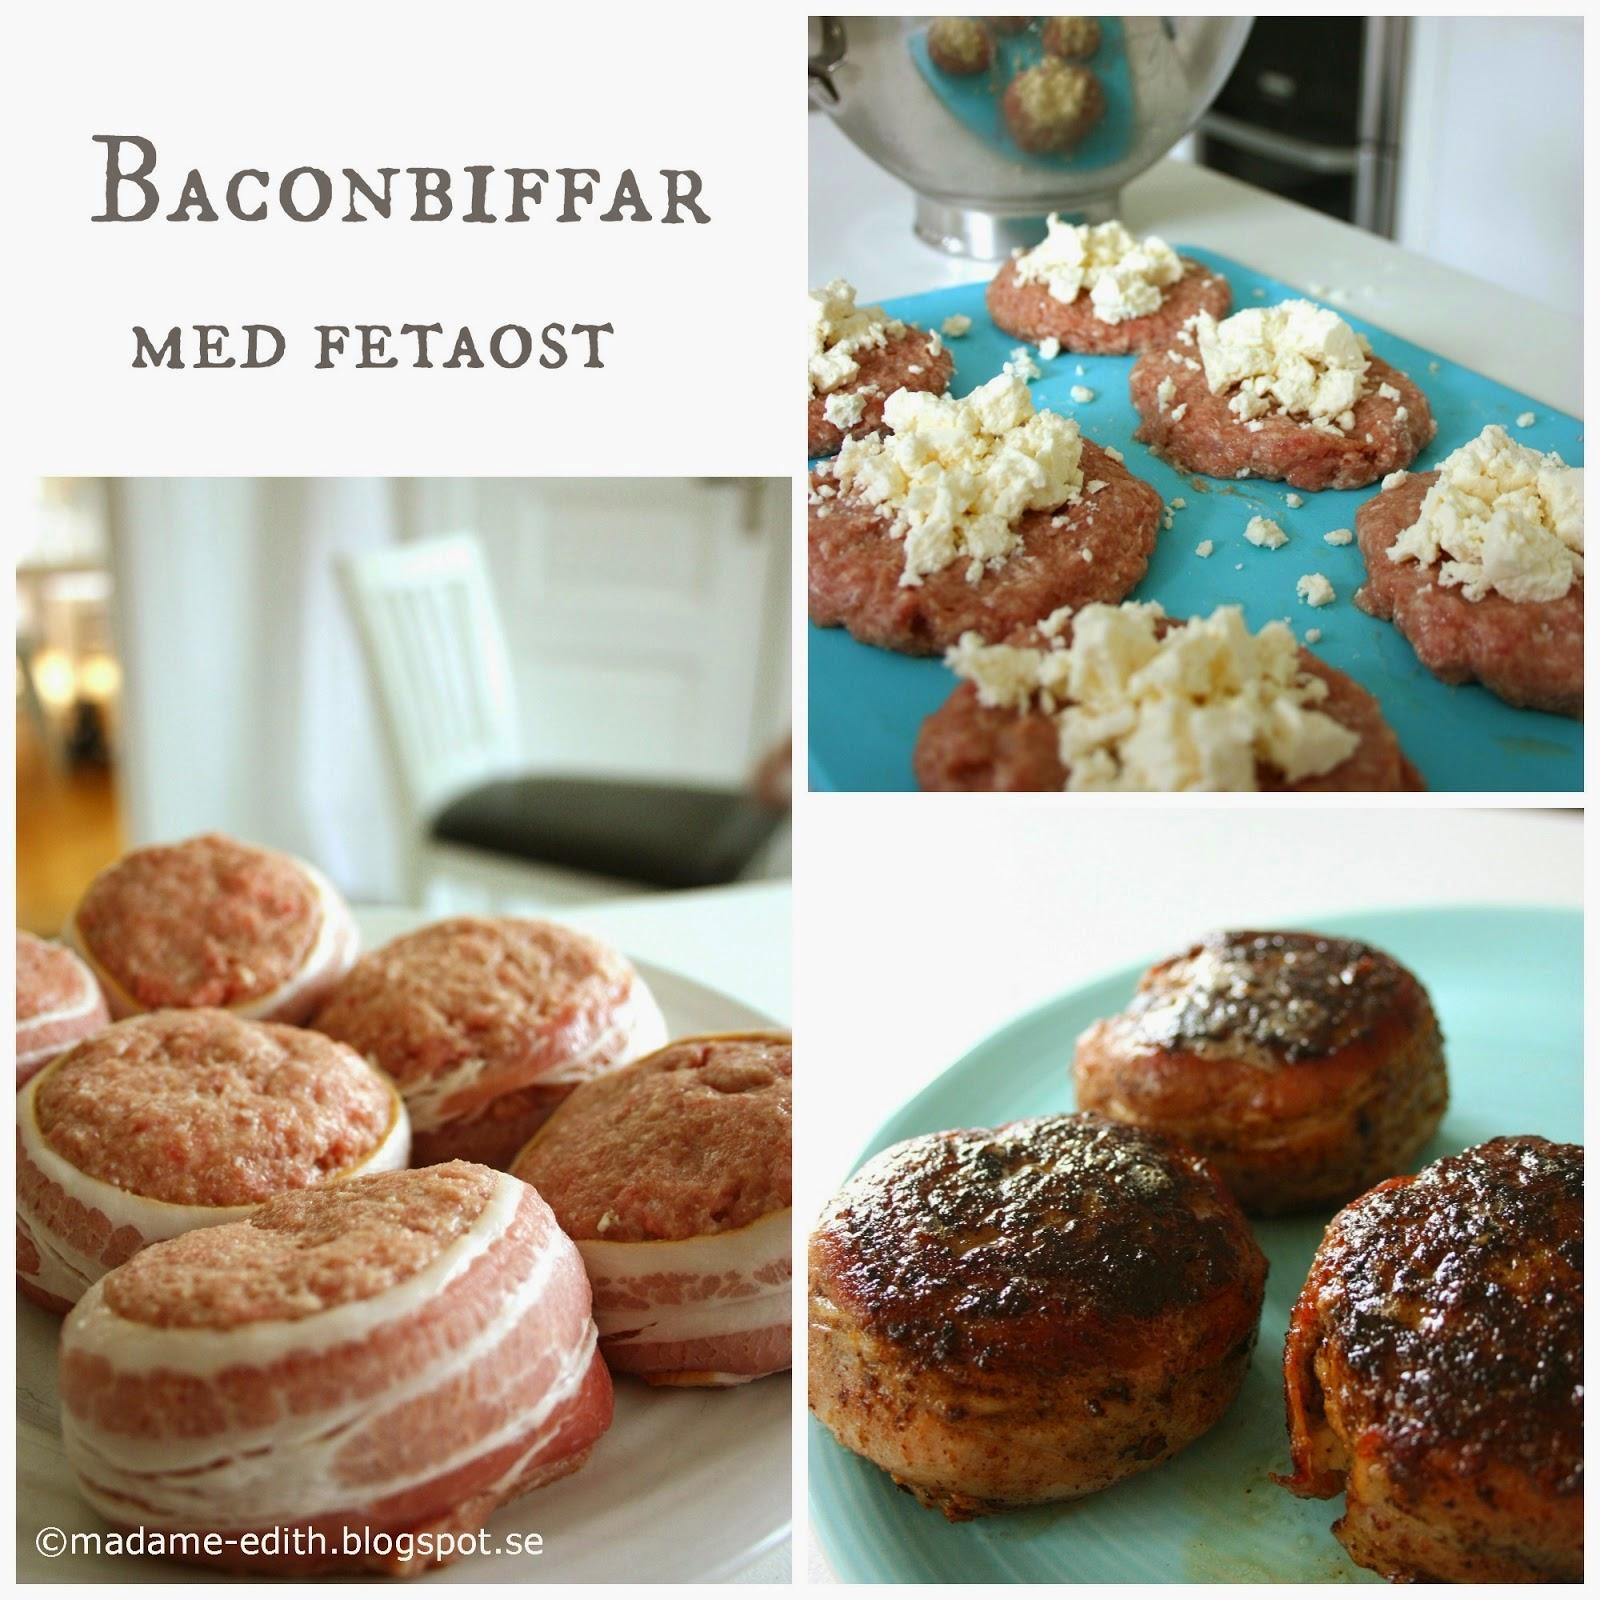 Baconbiffar med fetaost